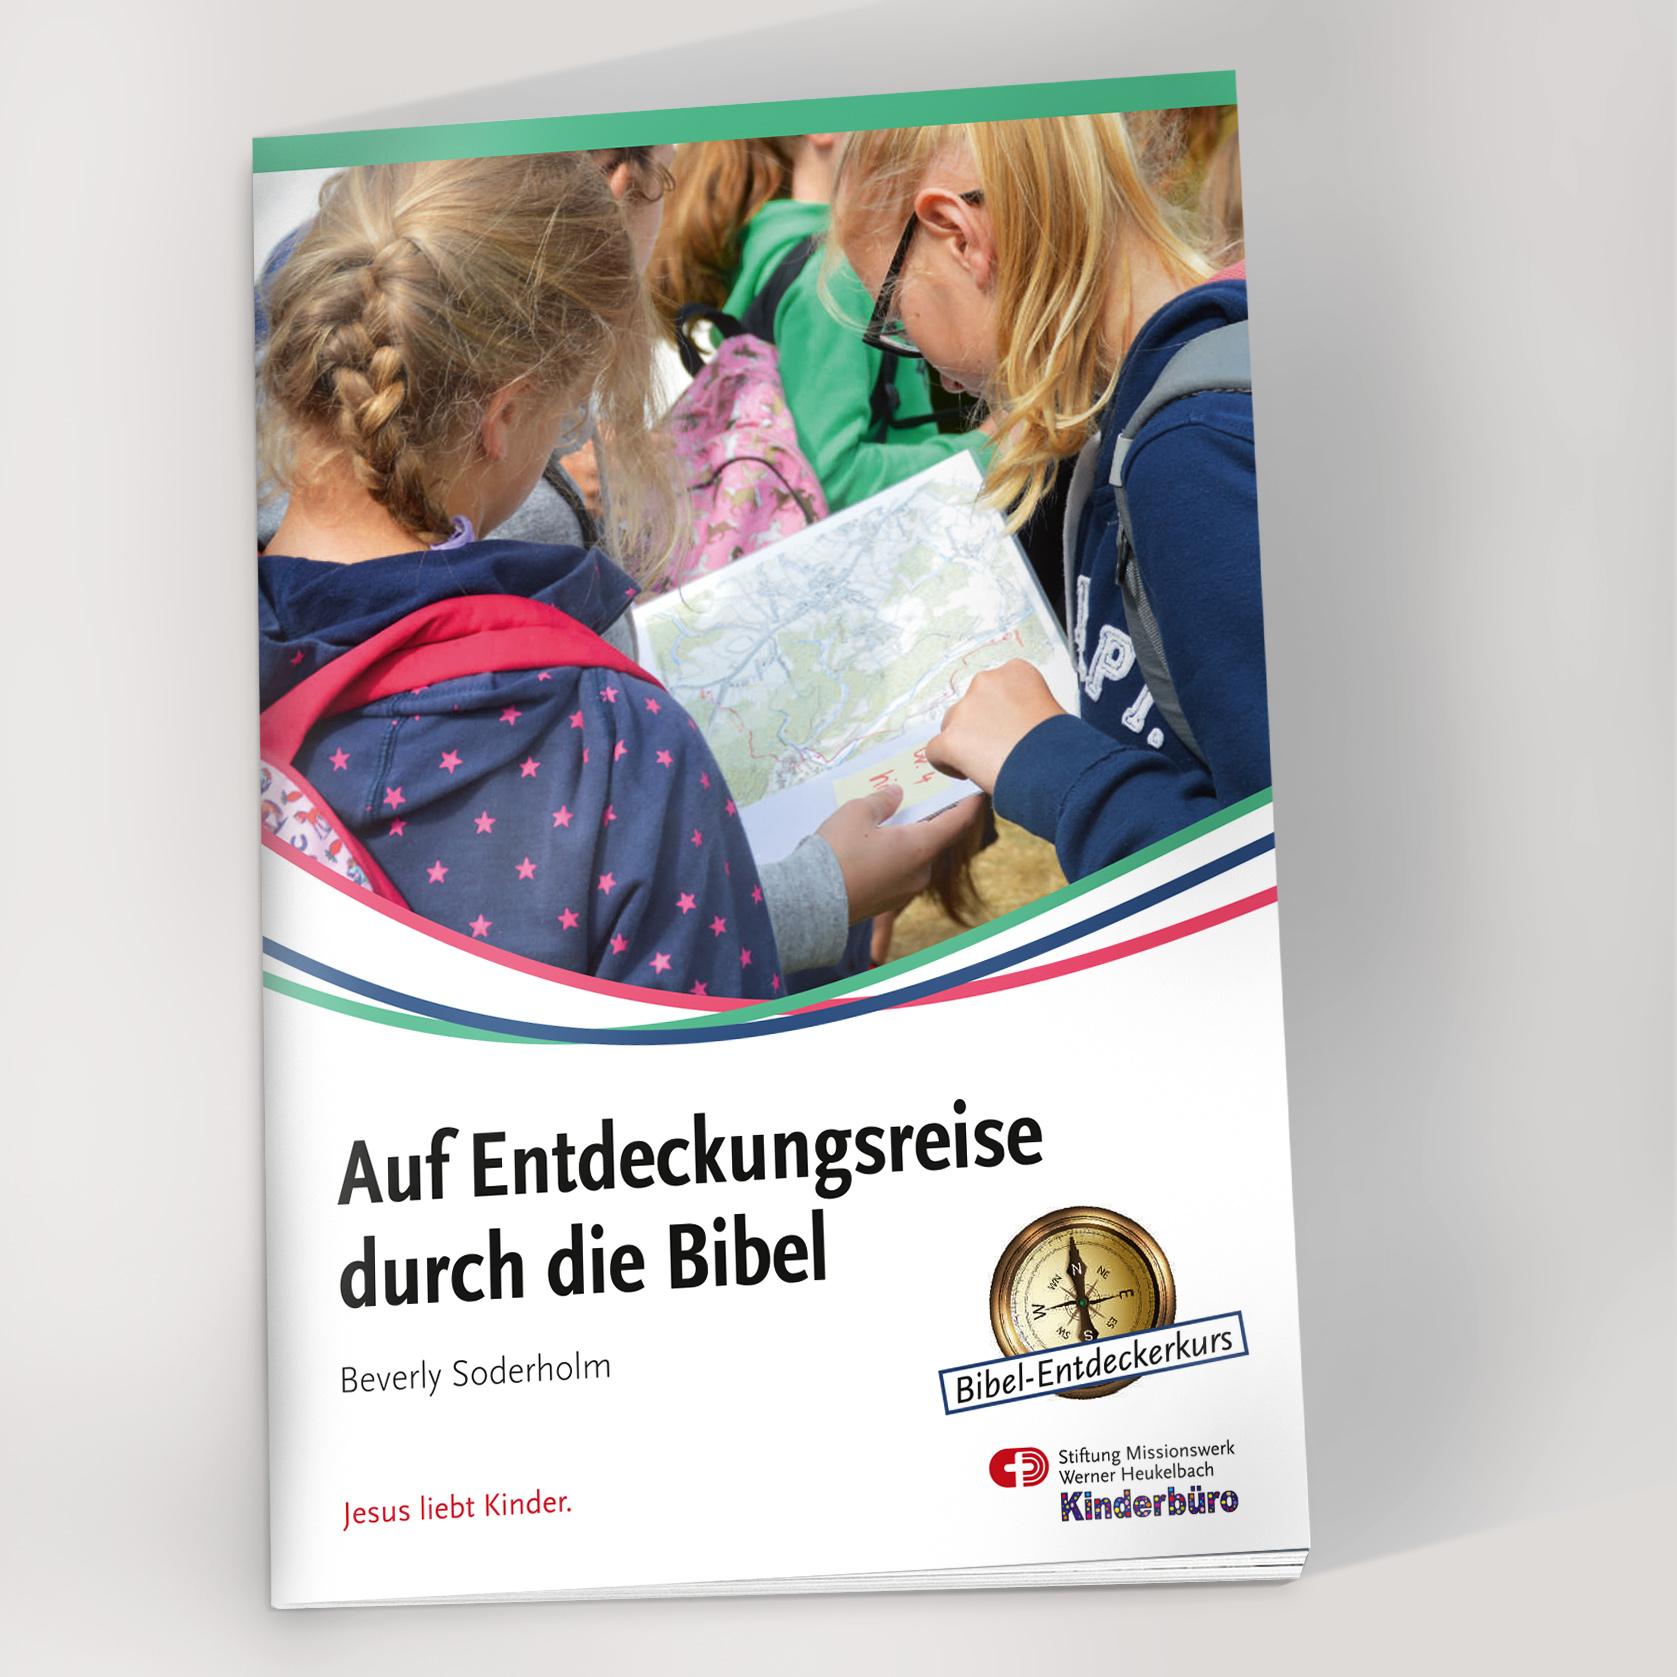 Auf Entdeckungsreise durch die Bibel   Kinderbibelkurs   Heukelbach Shop